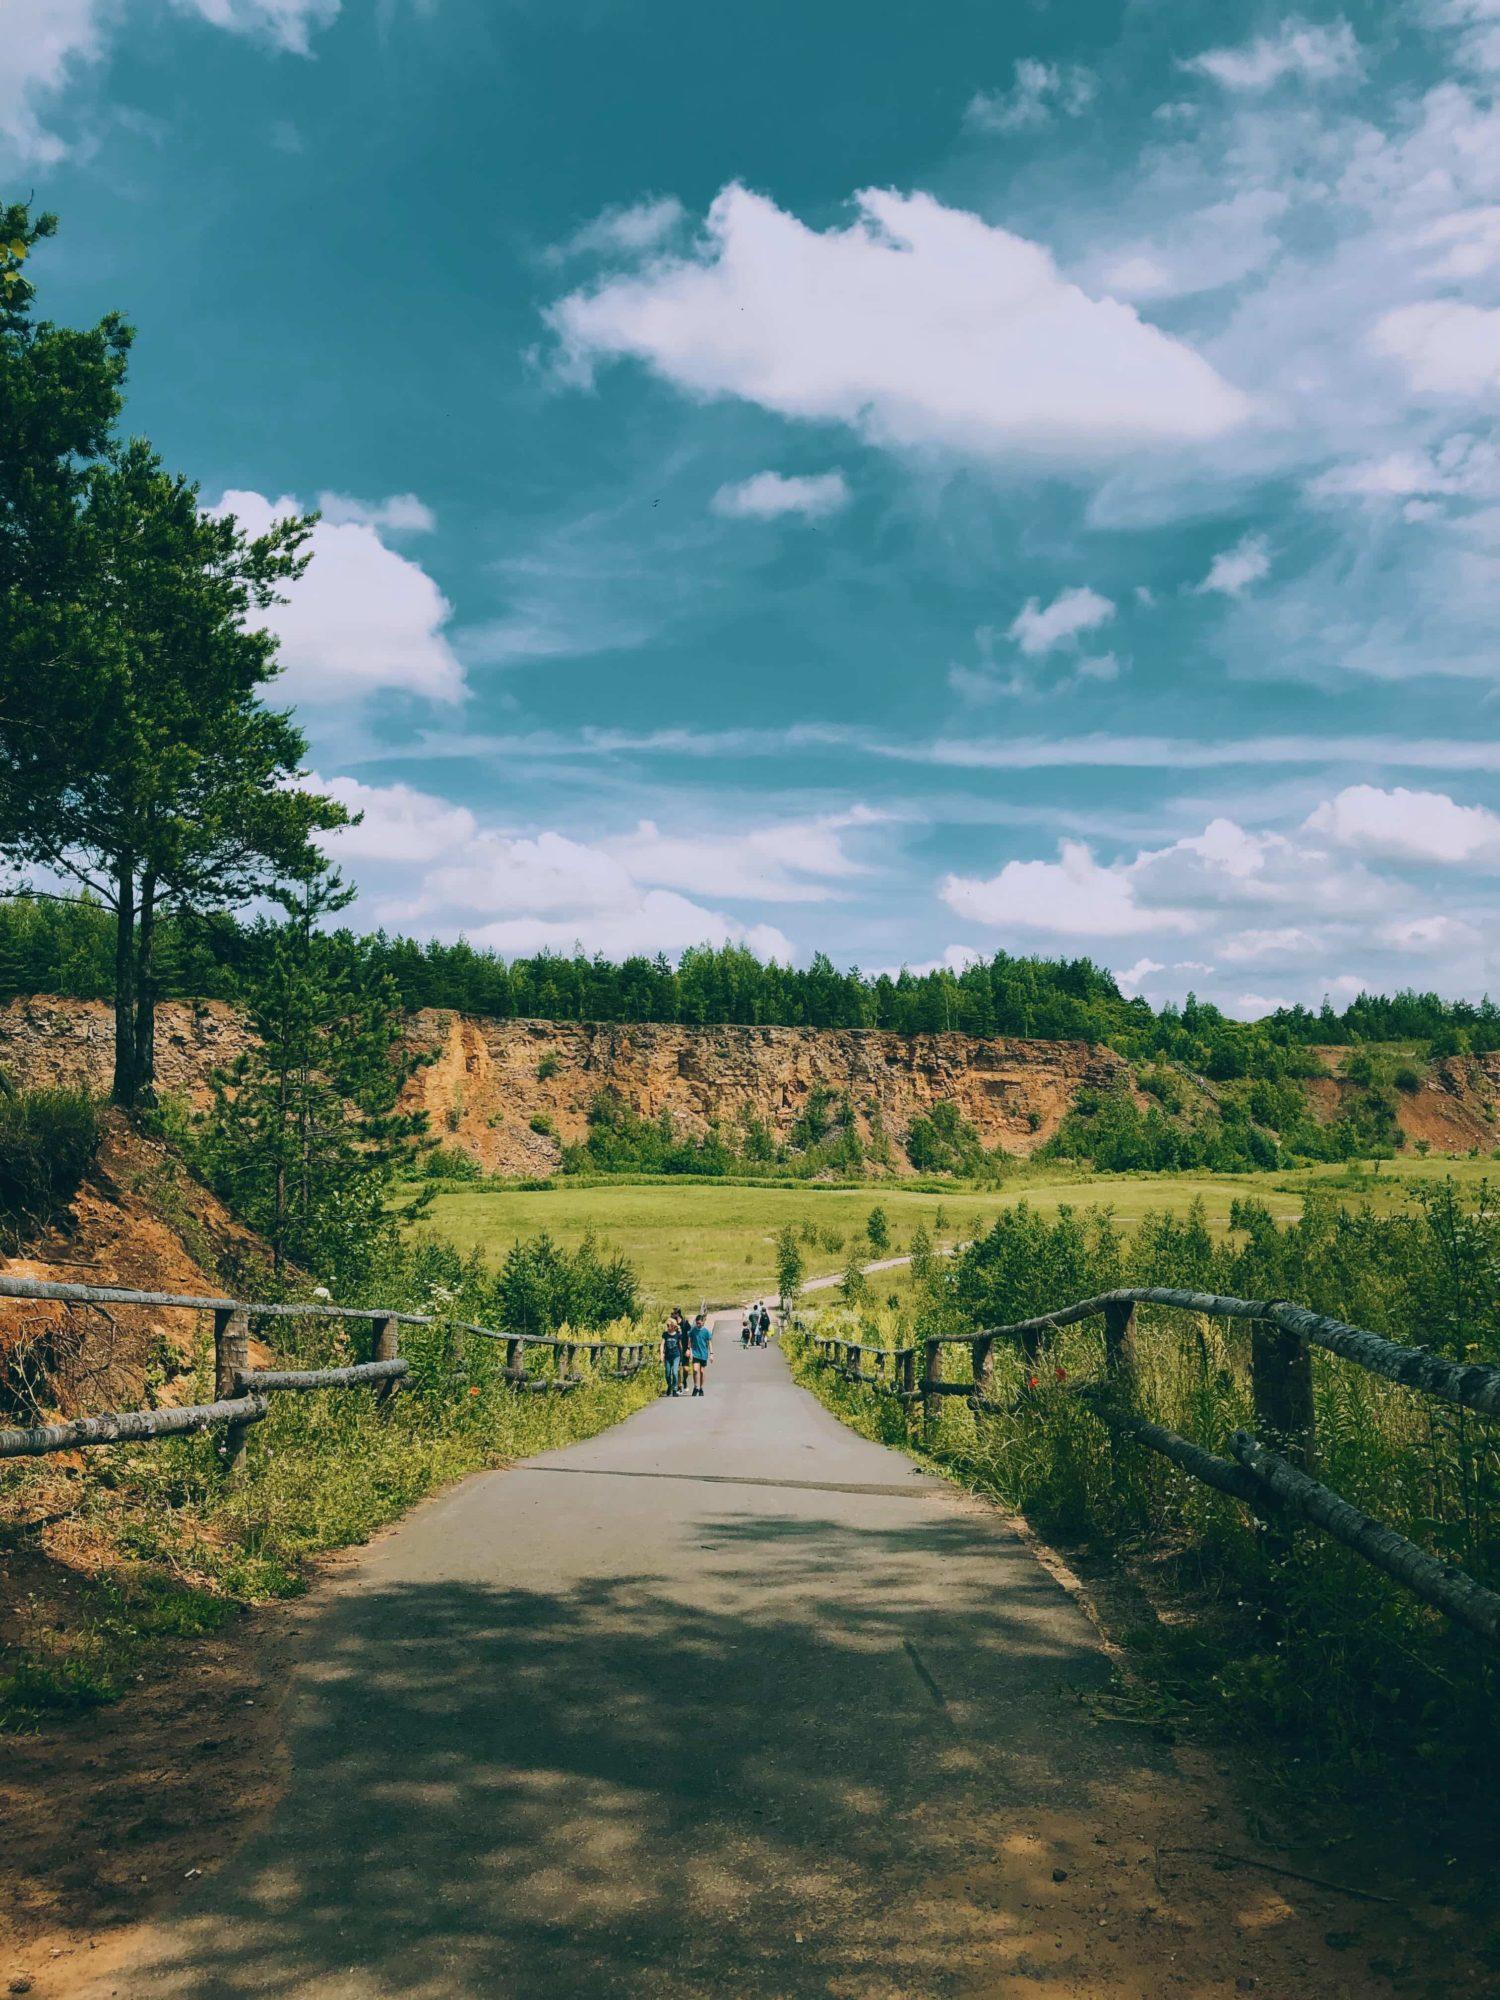 Park Gródek Jaworzno – Zbiornik Wydra park z łąką kwietną arboretum koło Katowic